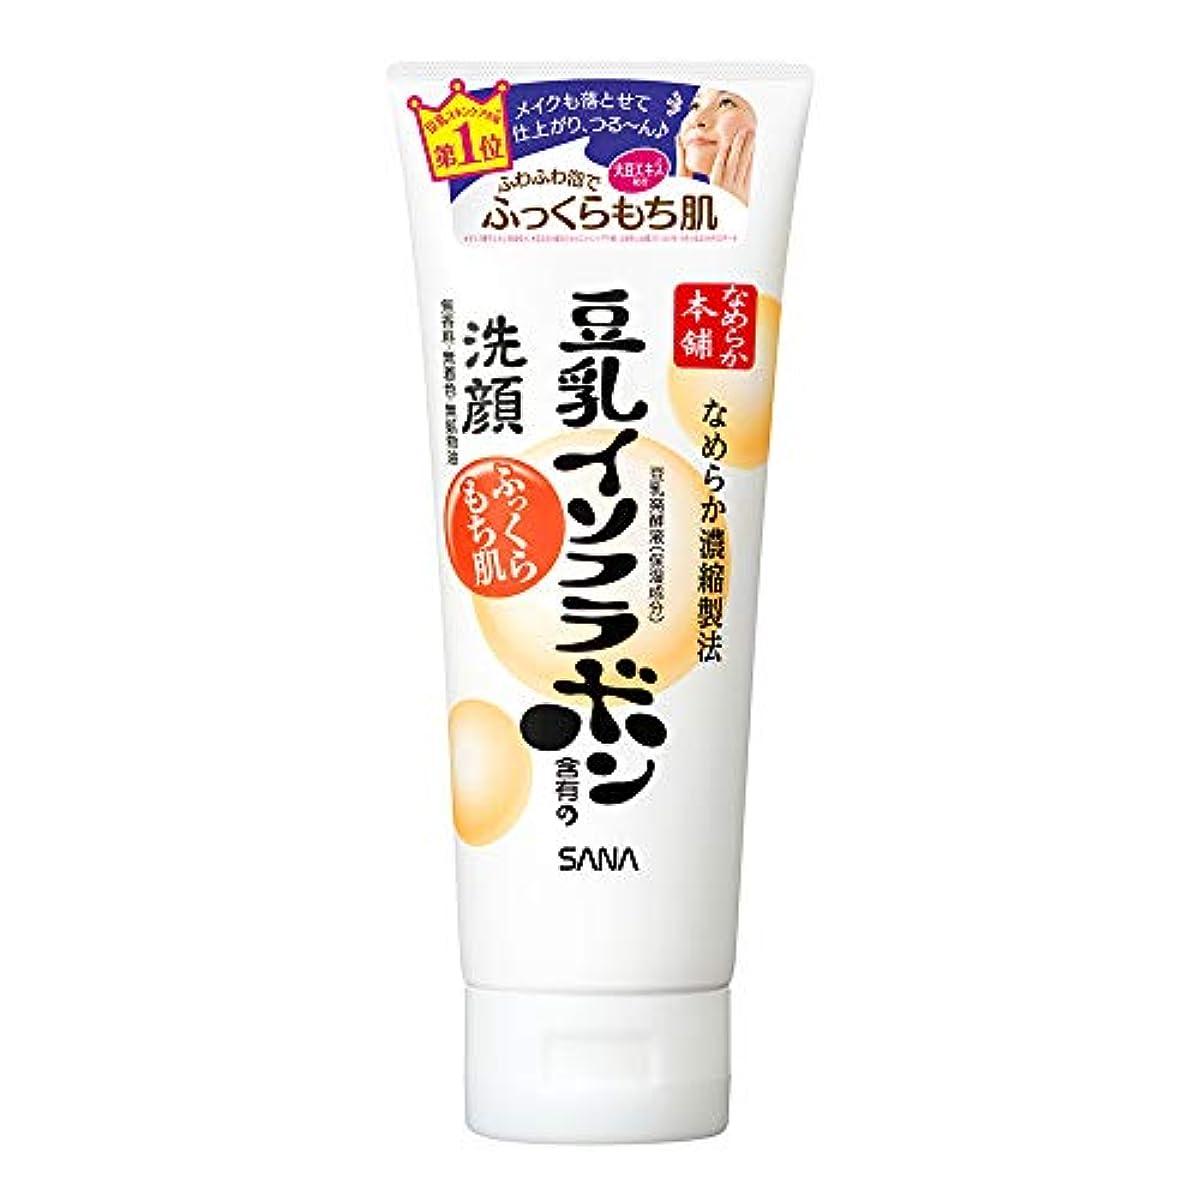 他の場所パケットプリーツ【Amazon.co.jp限定】なめらか本舗 クレンジング洗顔 大容量タイプ 200g